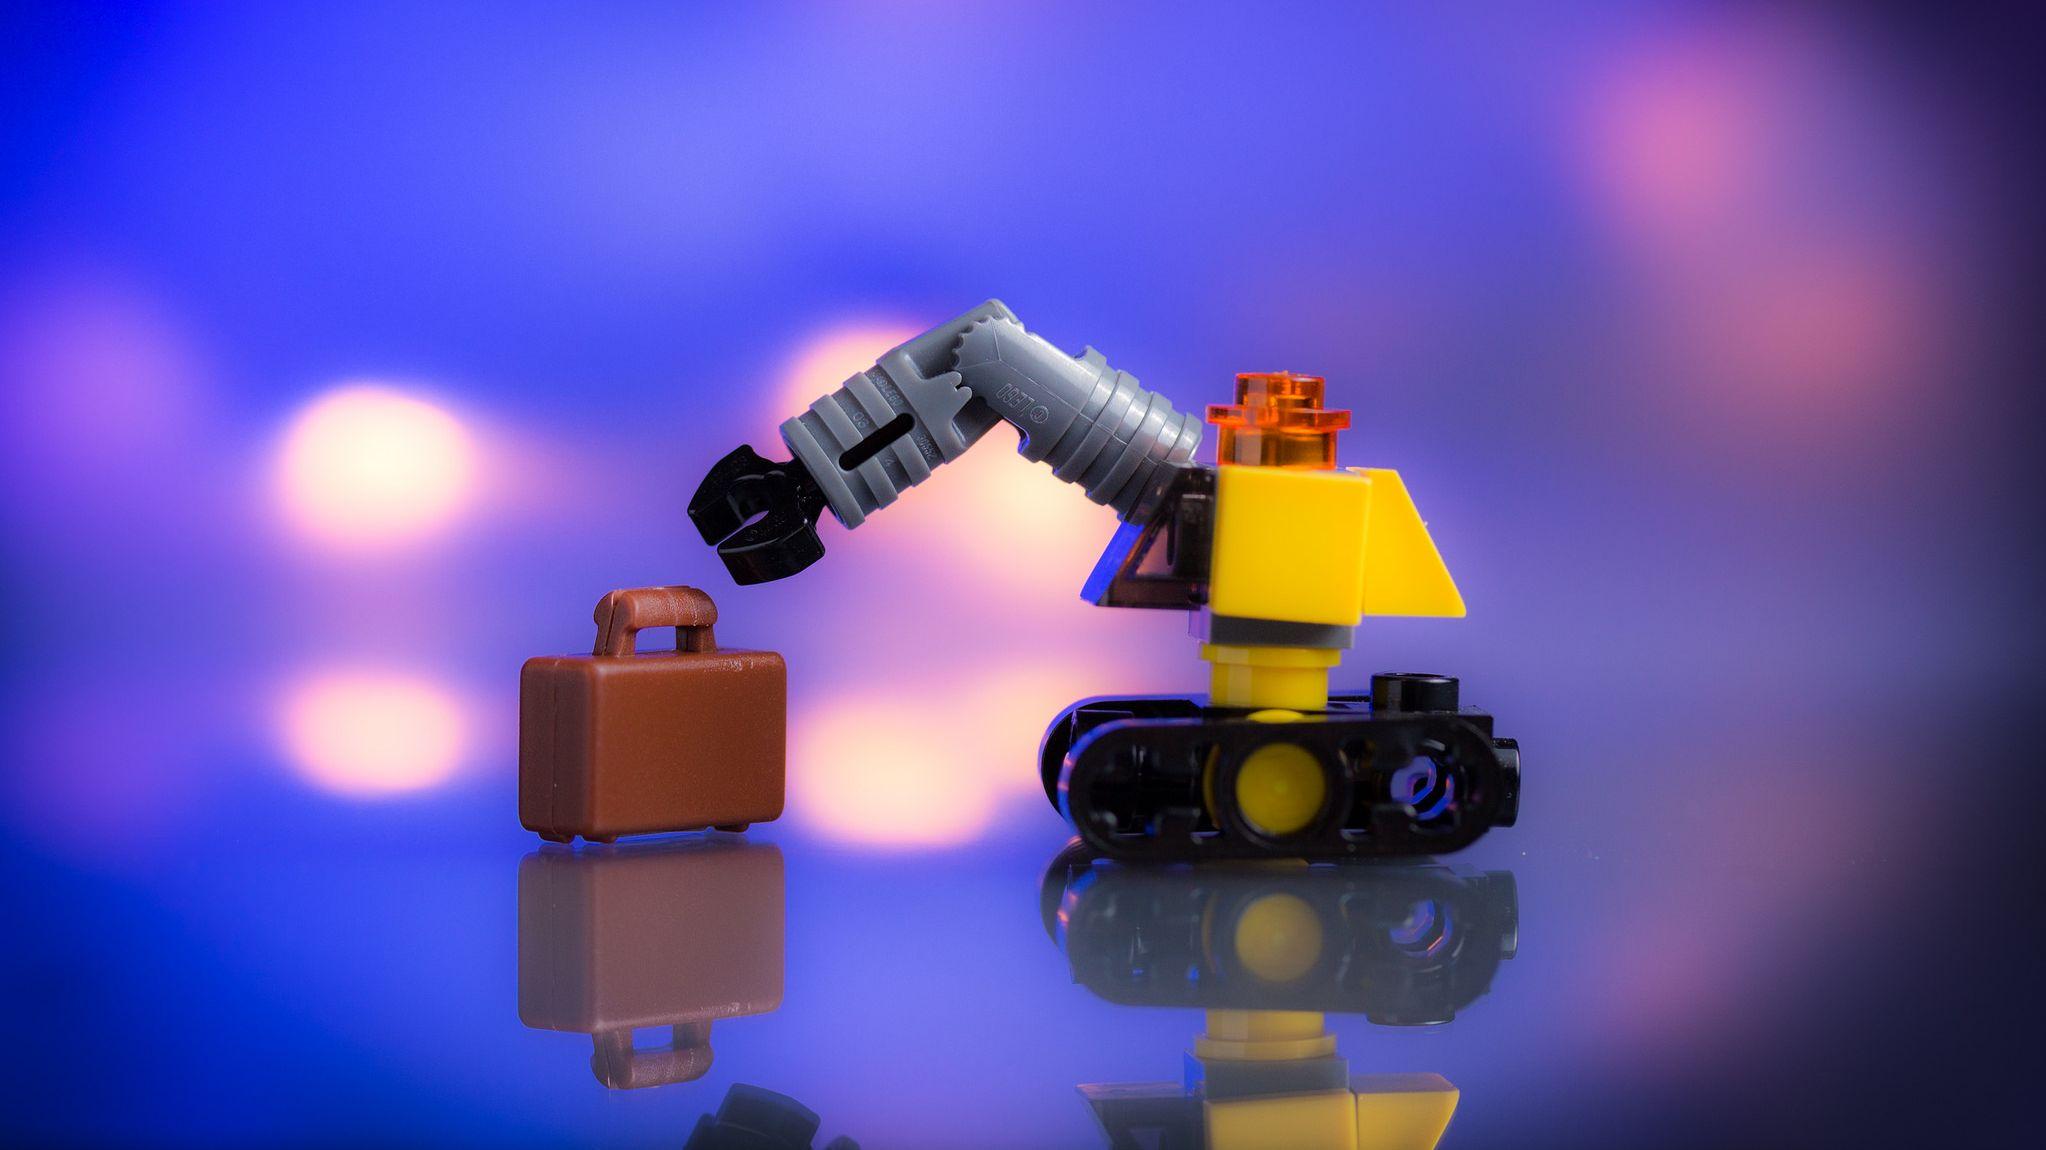 自動化・ロボット化で「失われる雇用」「生まれる雇用」総まとめ